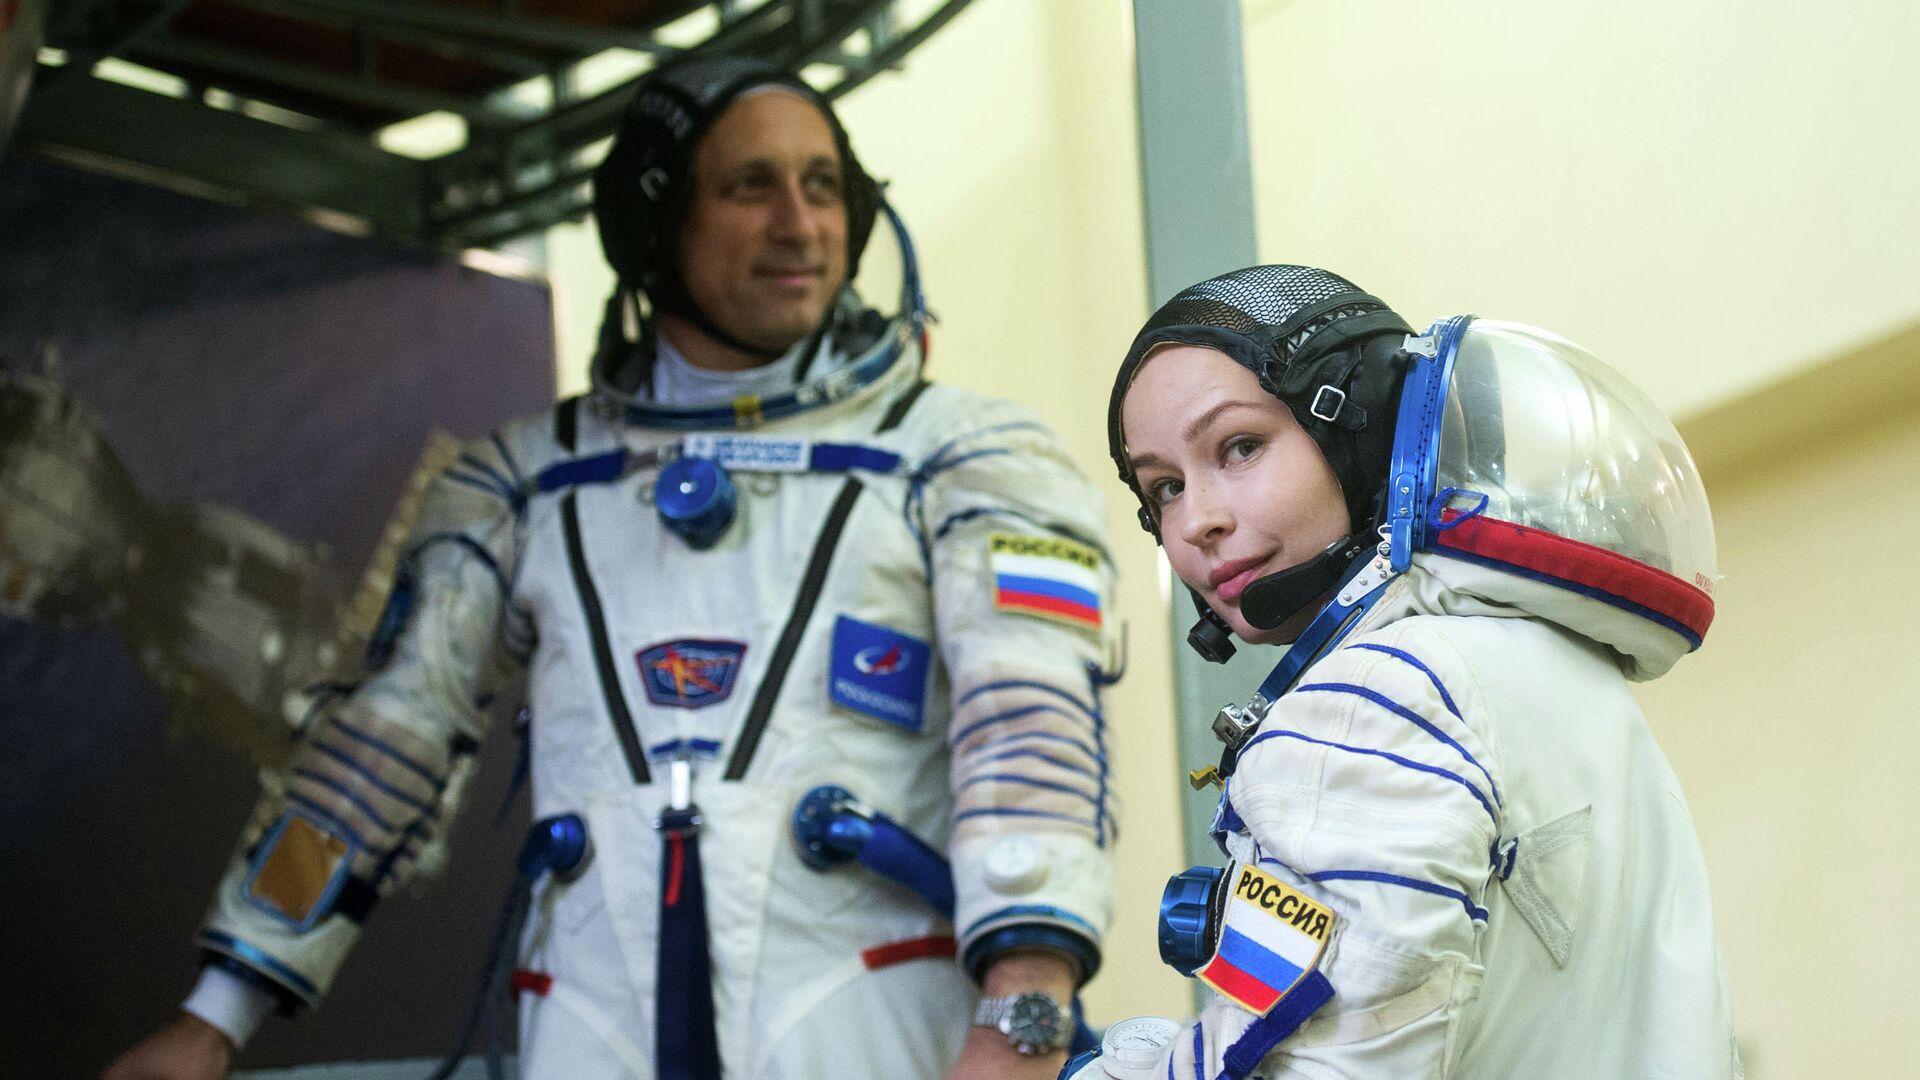 Актриса Юлия Пересильд и космонавт Антон Шкаплеров сдали первые экзамены перед полетом на МКС - РИА Новости, 1920, 17.09.2021